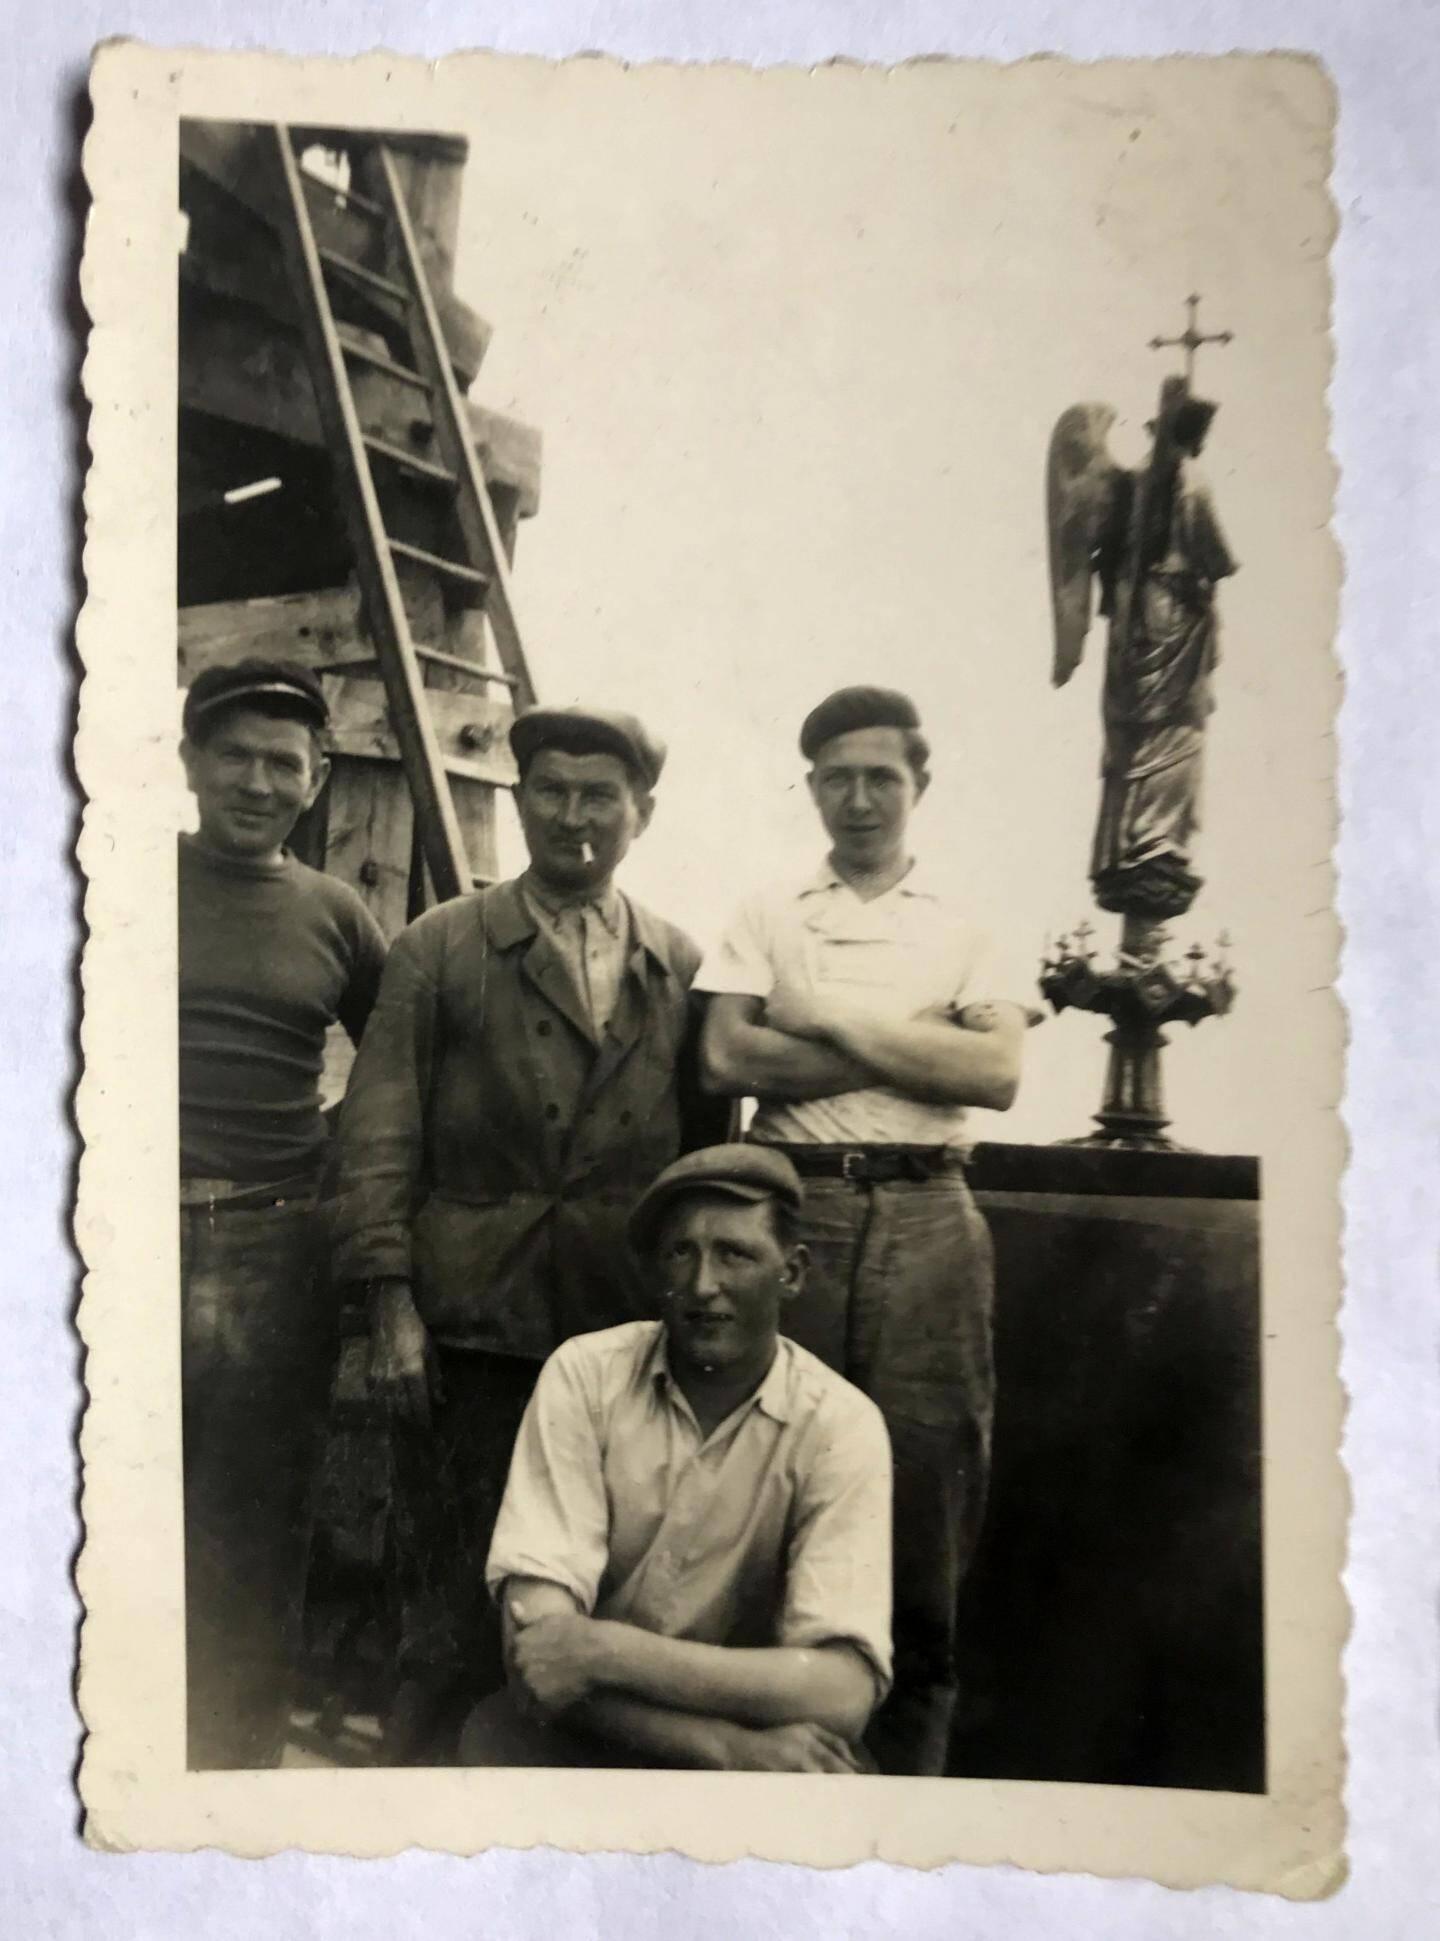 Un groupe d'ouvriers sur le toit de Notre-Dame en 1938 : le grand-père de Michel est celui avec la cigarette au bec, et le père, debout avec les bras croisés.